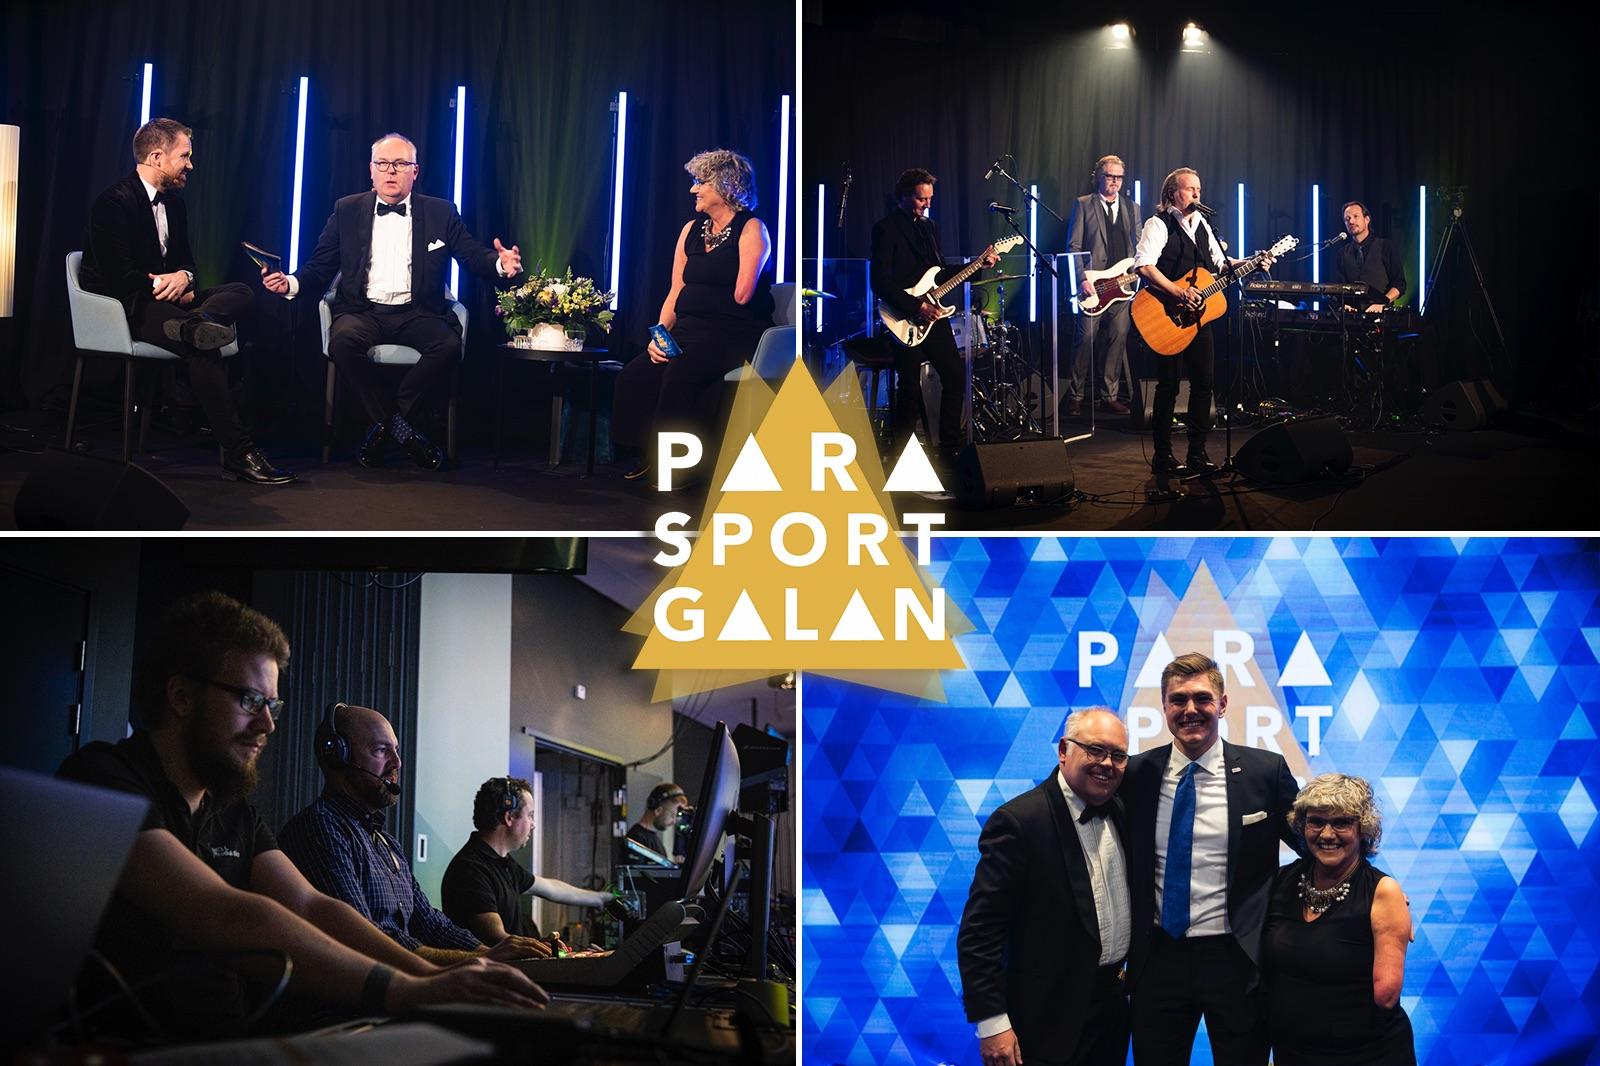 Svenska Parasportgalan 2020 blev en tittarsuccé.